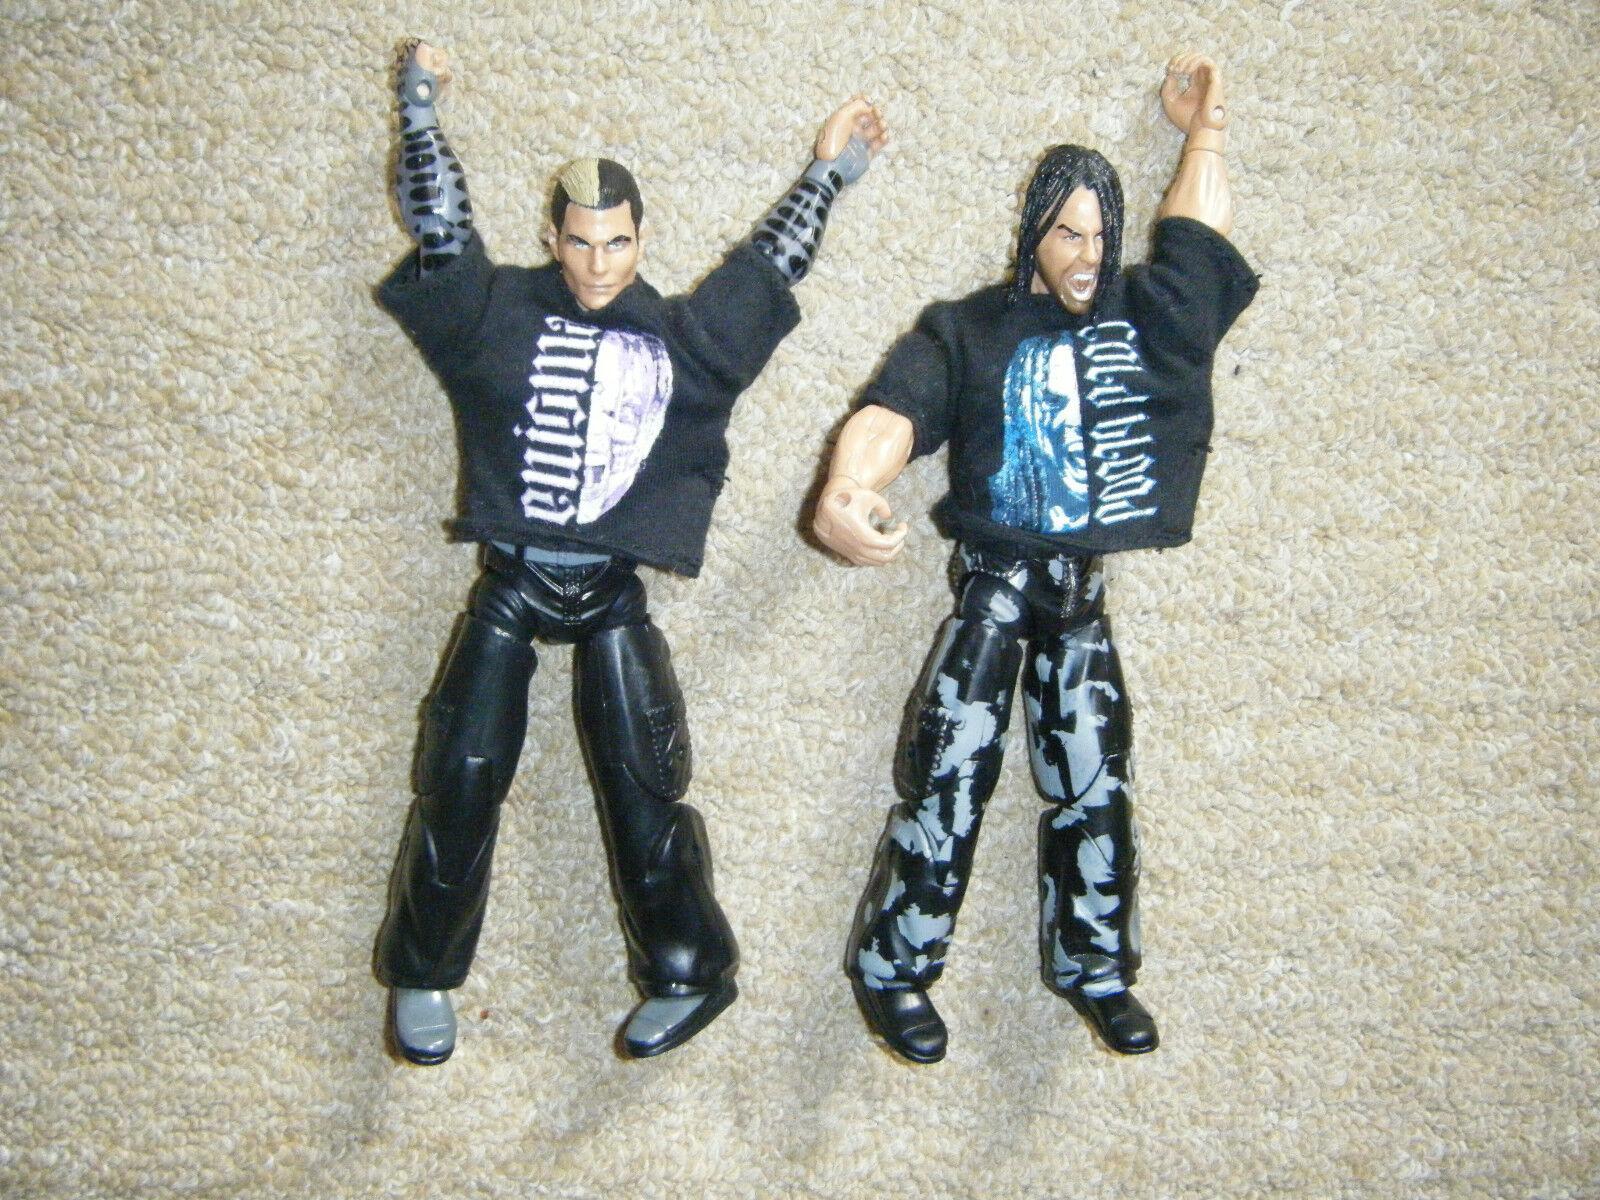 Jeff Hardy Matt Hardy Ringside Limitierte Auflage Tna Deluxe Wrestling-Figur Wwe